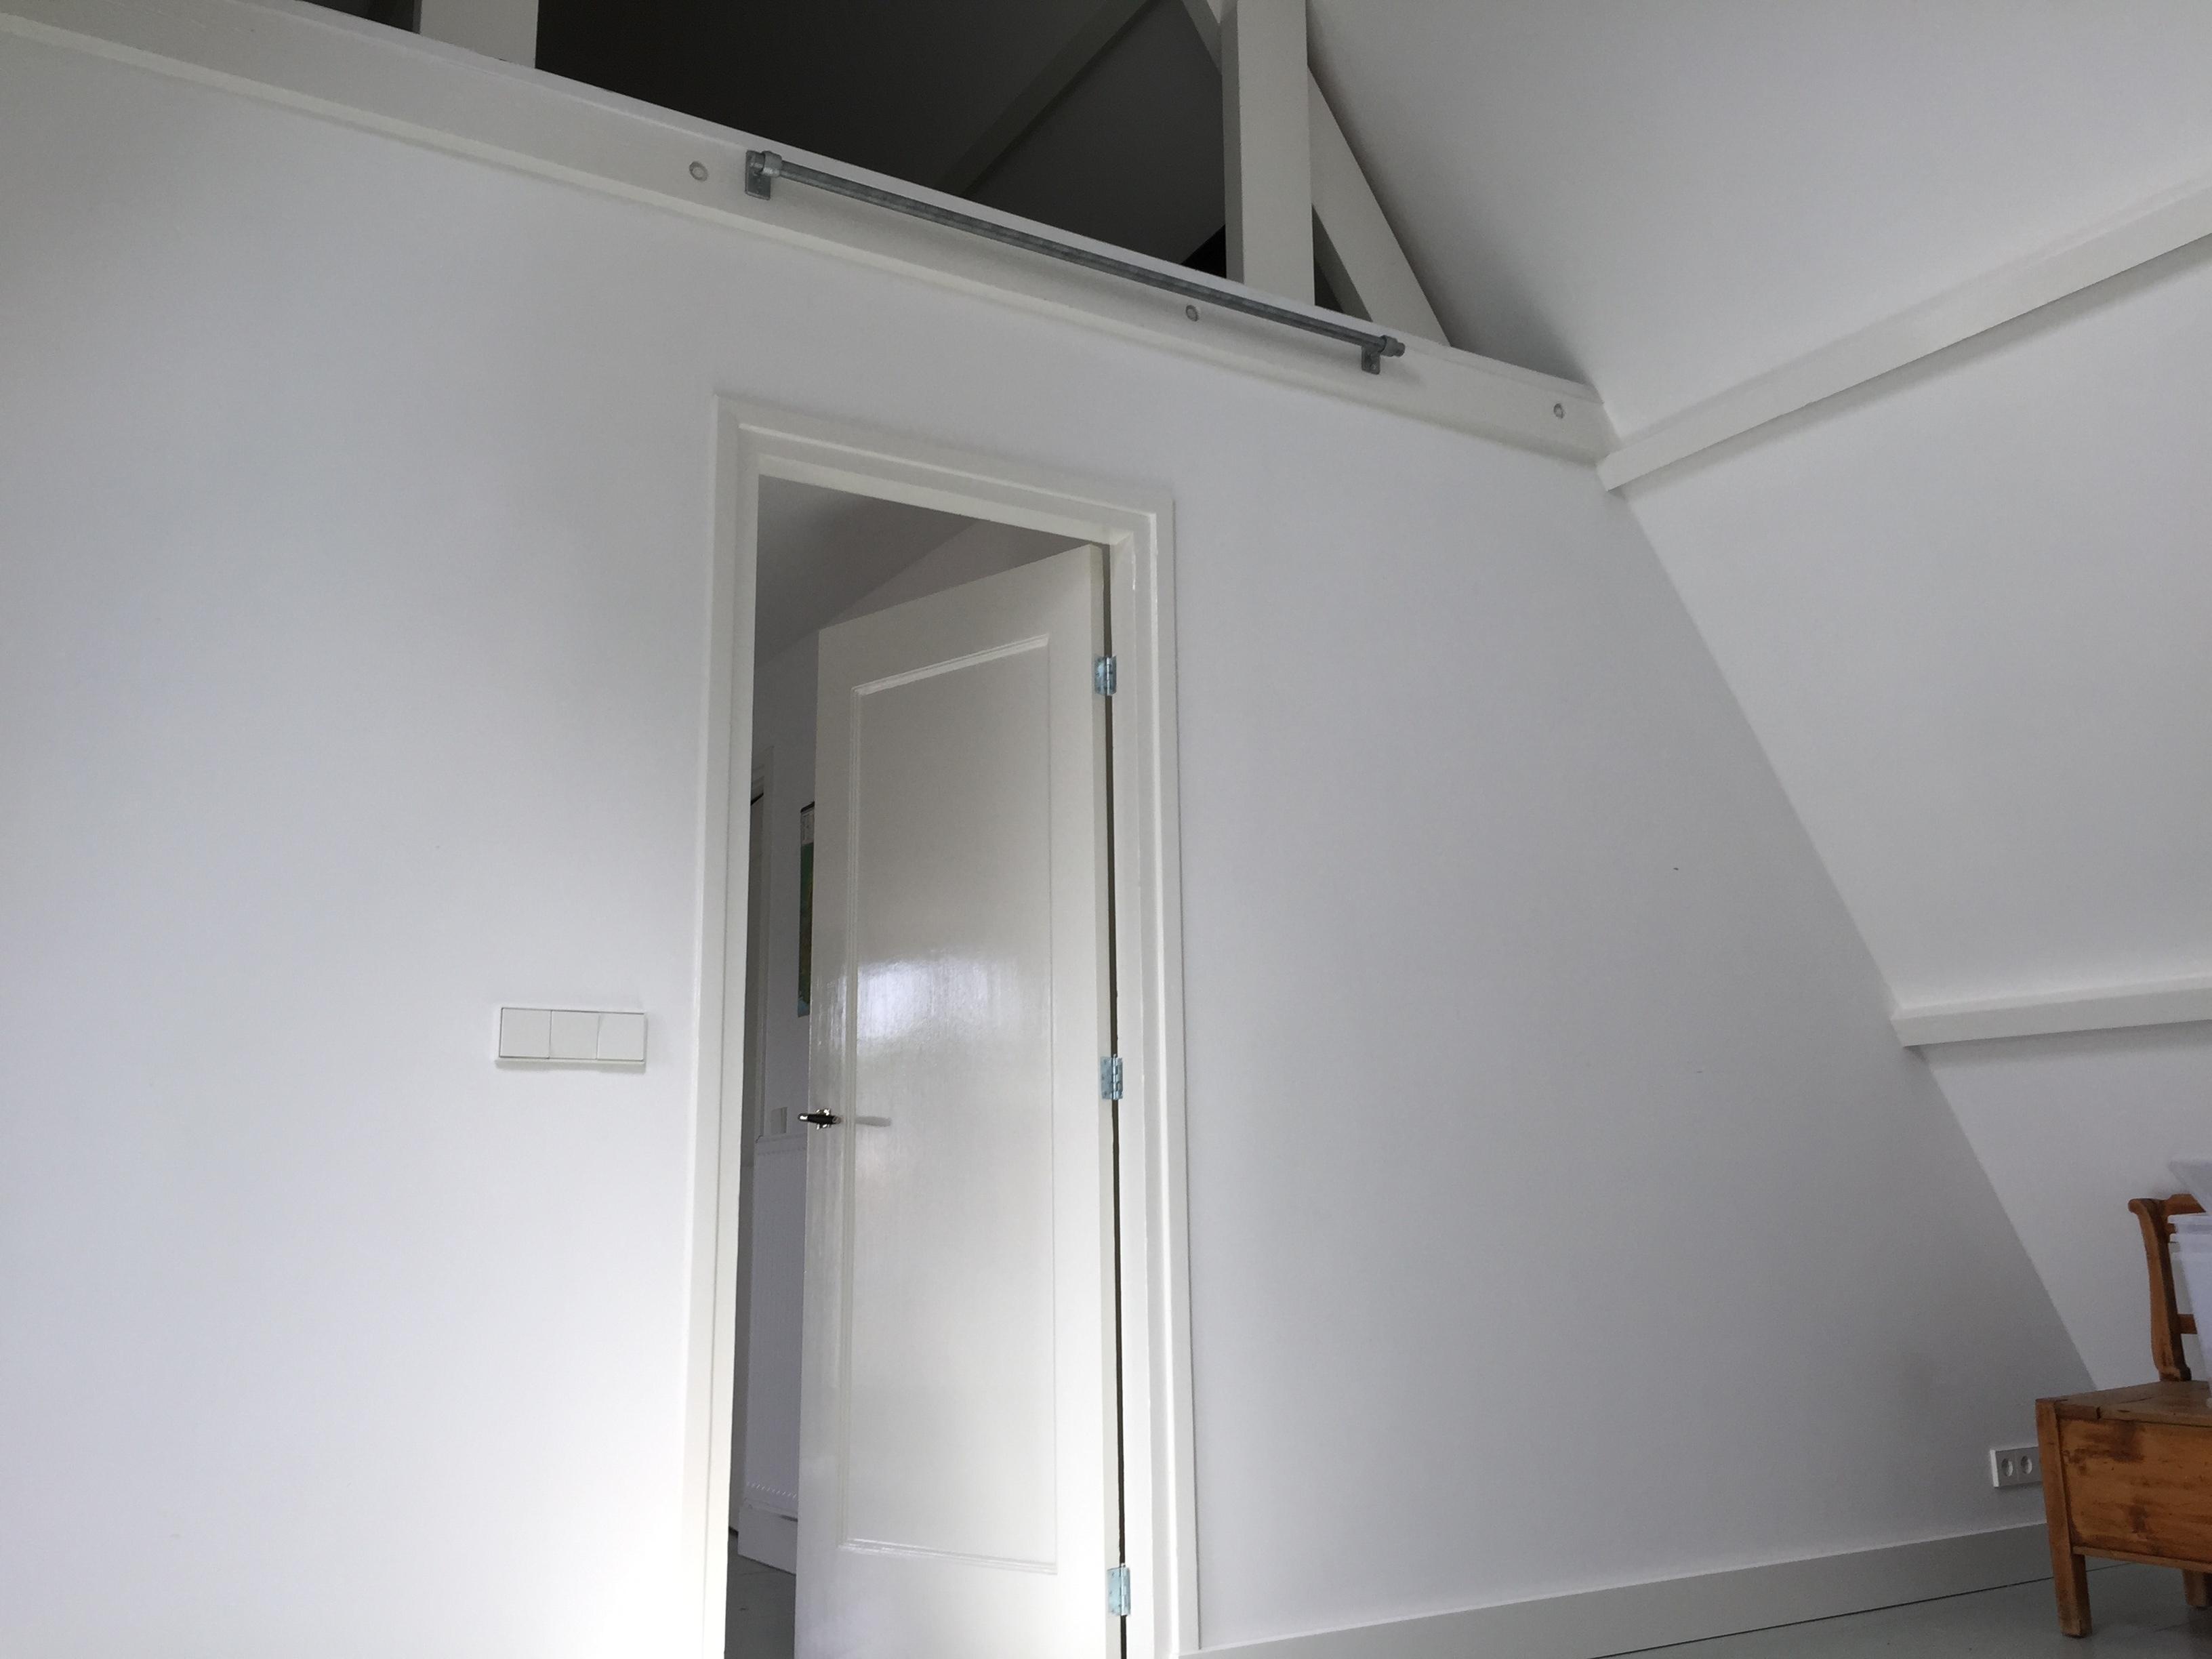 Zolder trap ladder for Trap plaatsen naar zolder